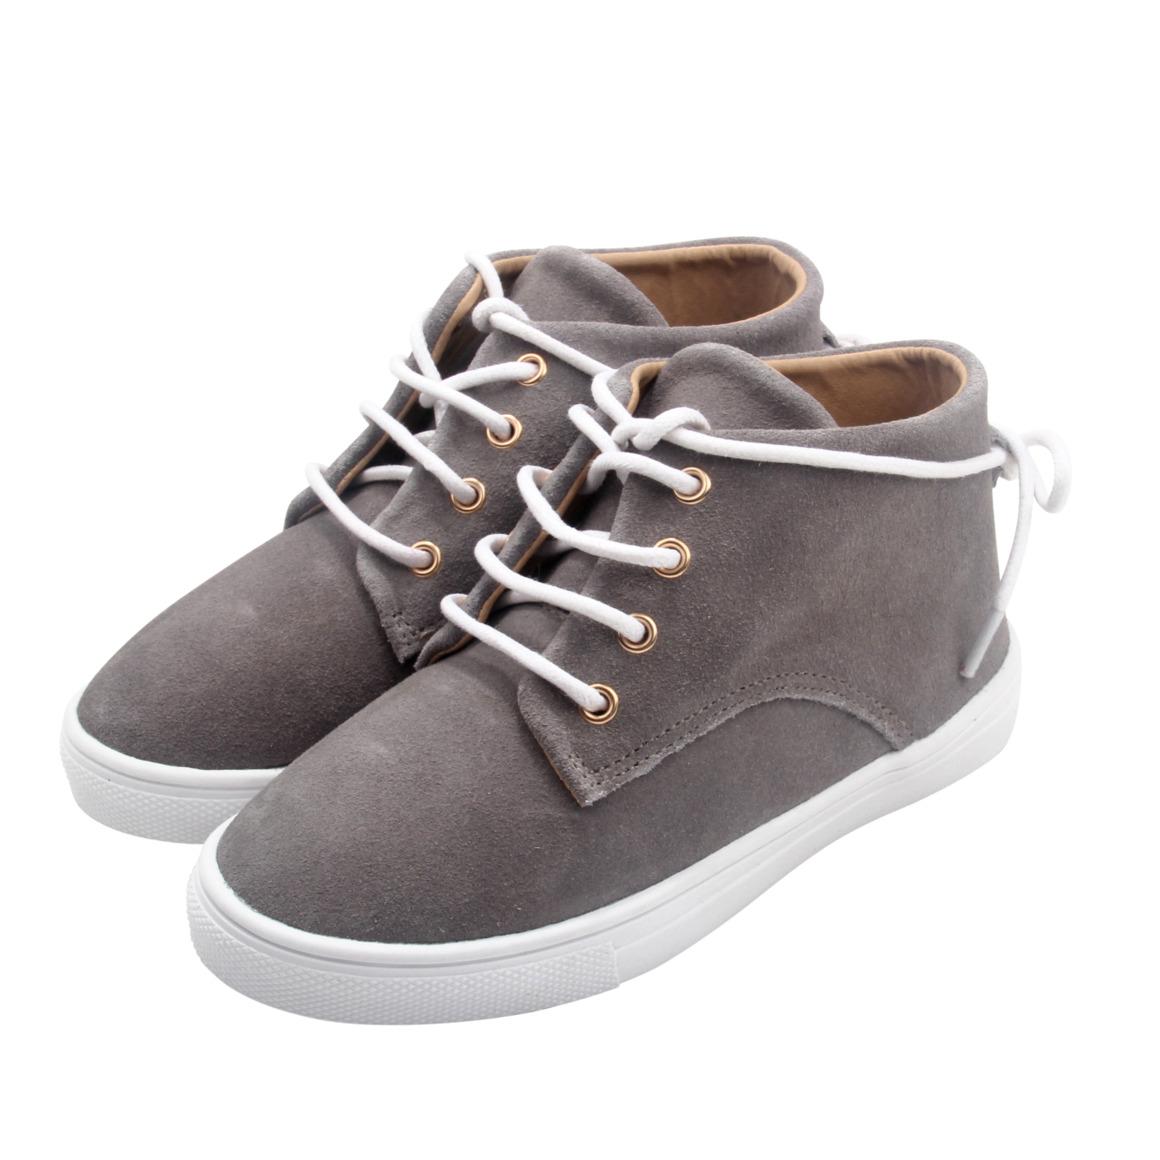 Gelato Collection -100% Suede - Grey | Trada Marketplace